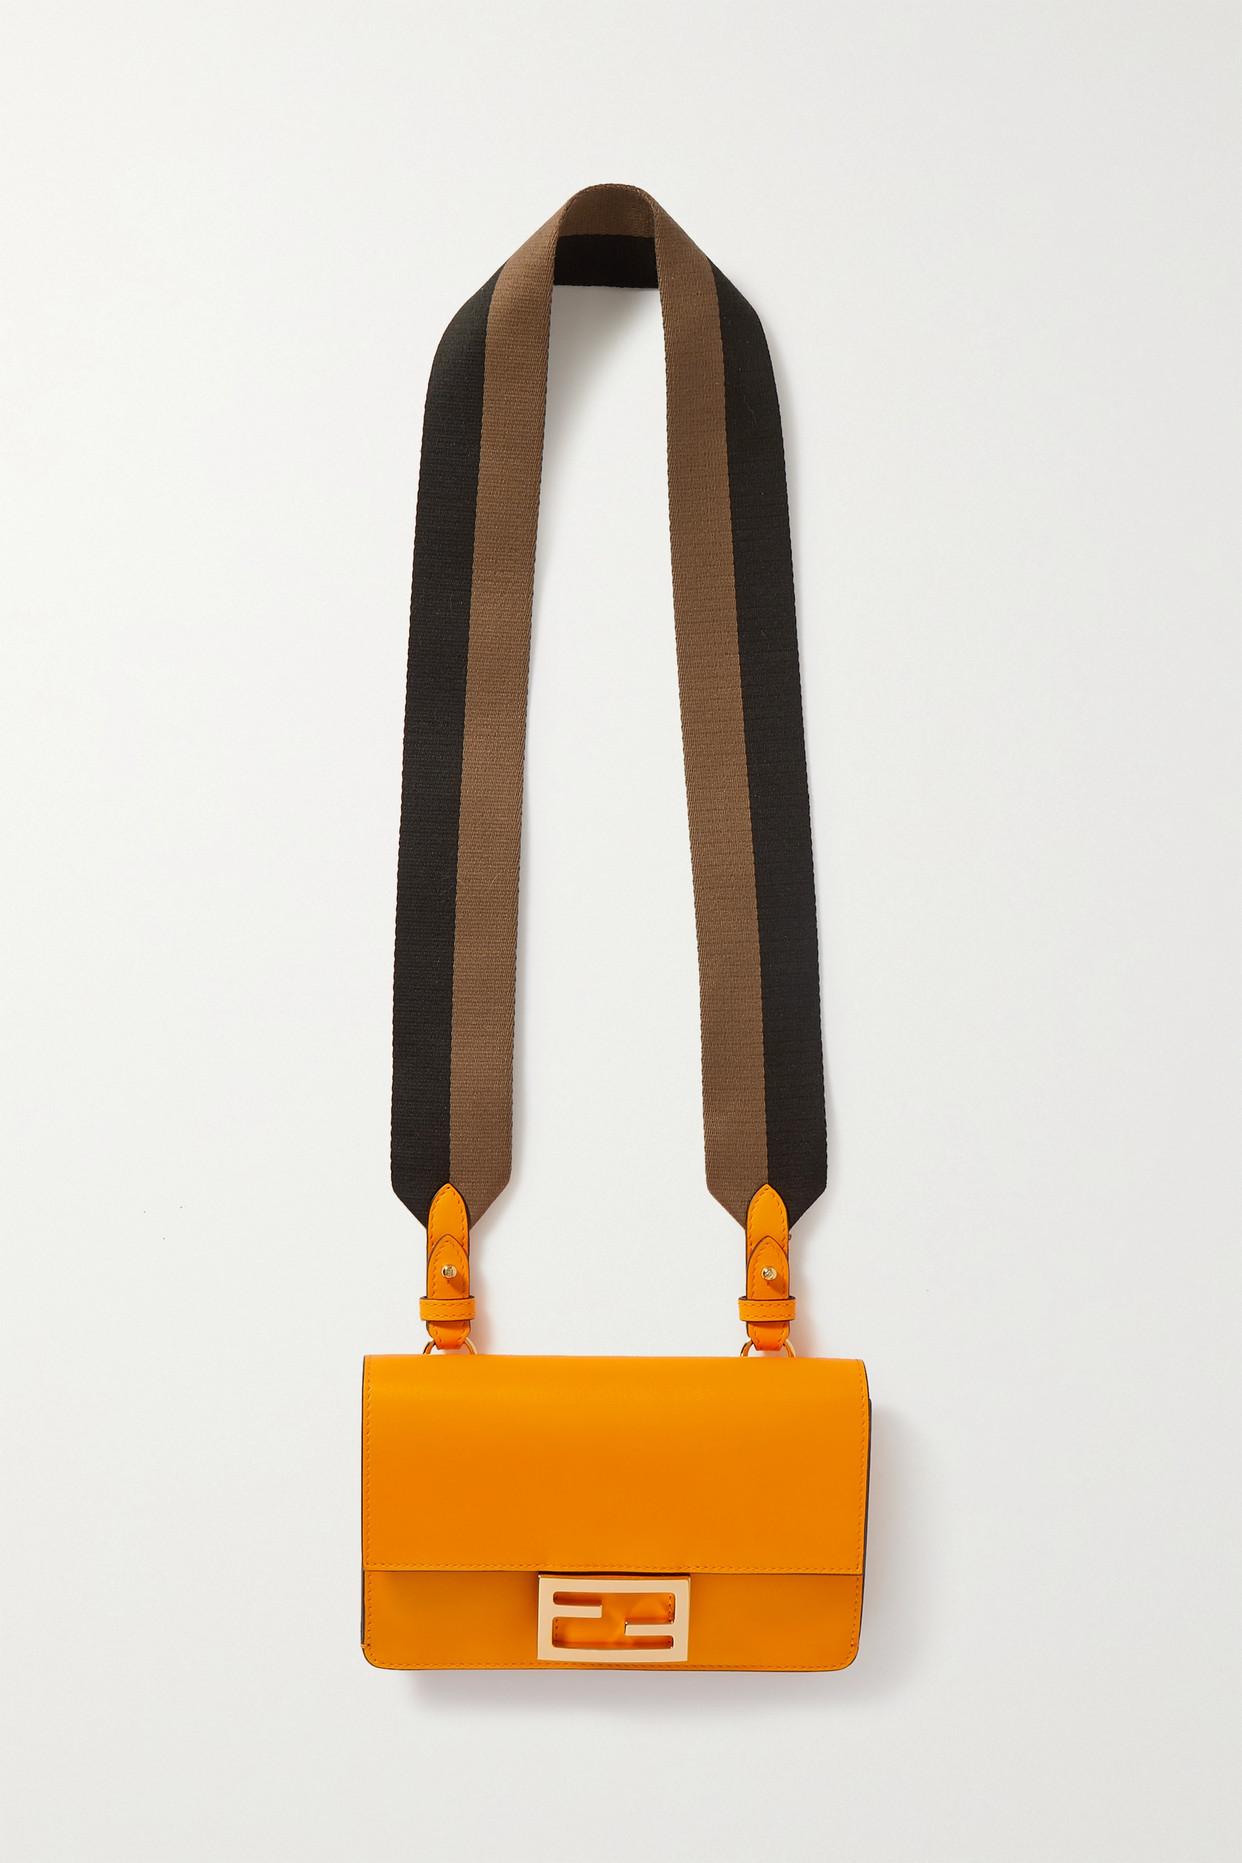 FENDI - Flat Baguette Medium Leather Shoulder Bag - Orange - one size